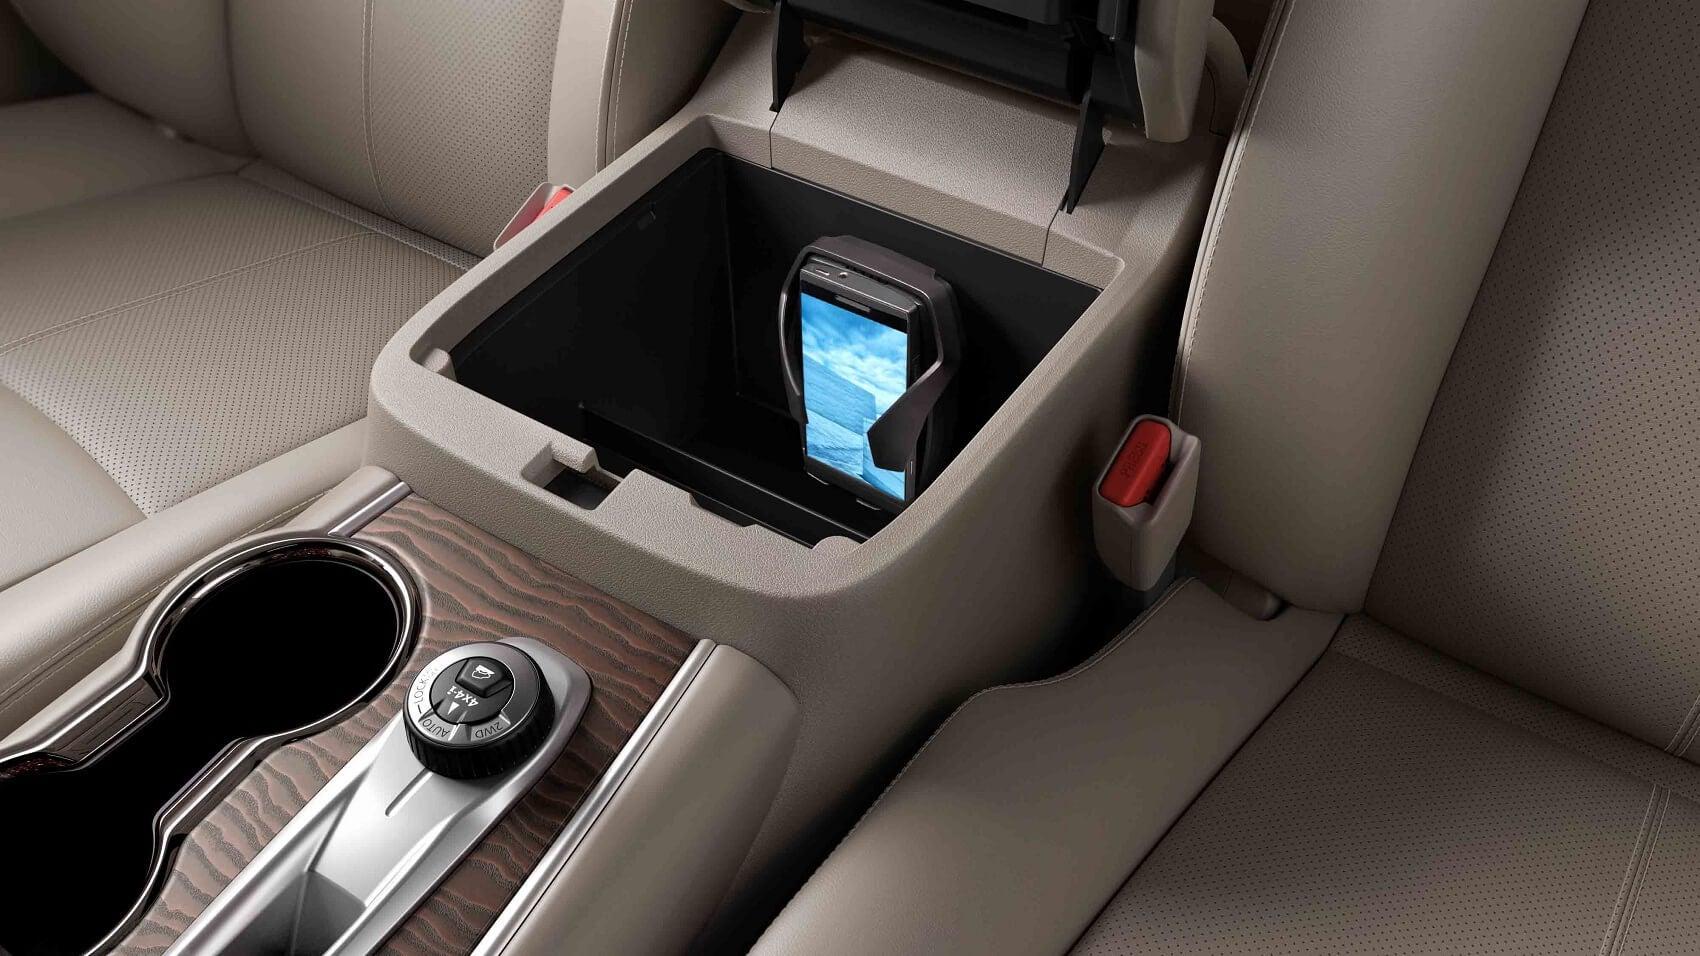 2019 Nissan Pathfinder Interior Andy Mohr Avon Nissan